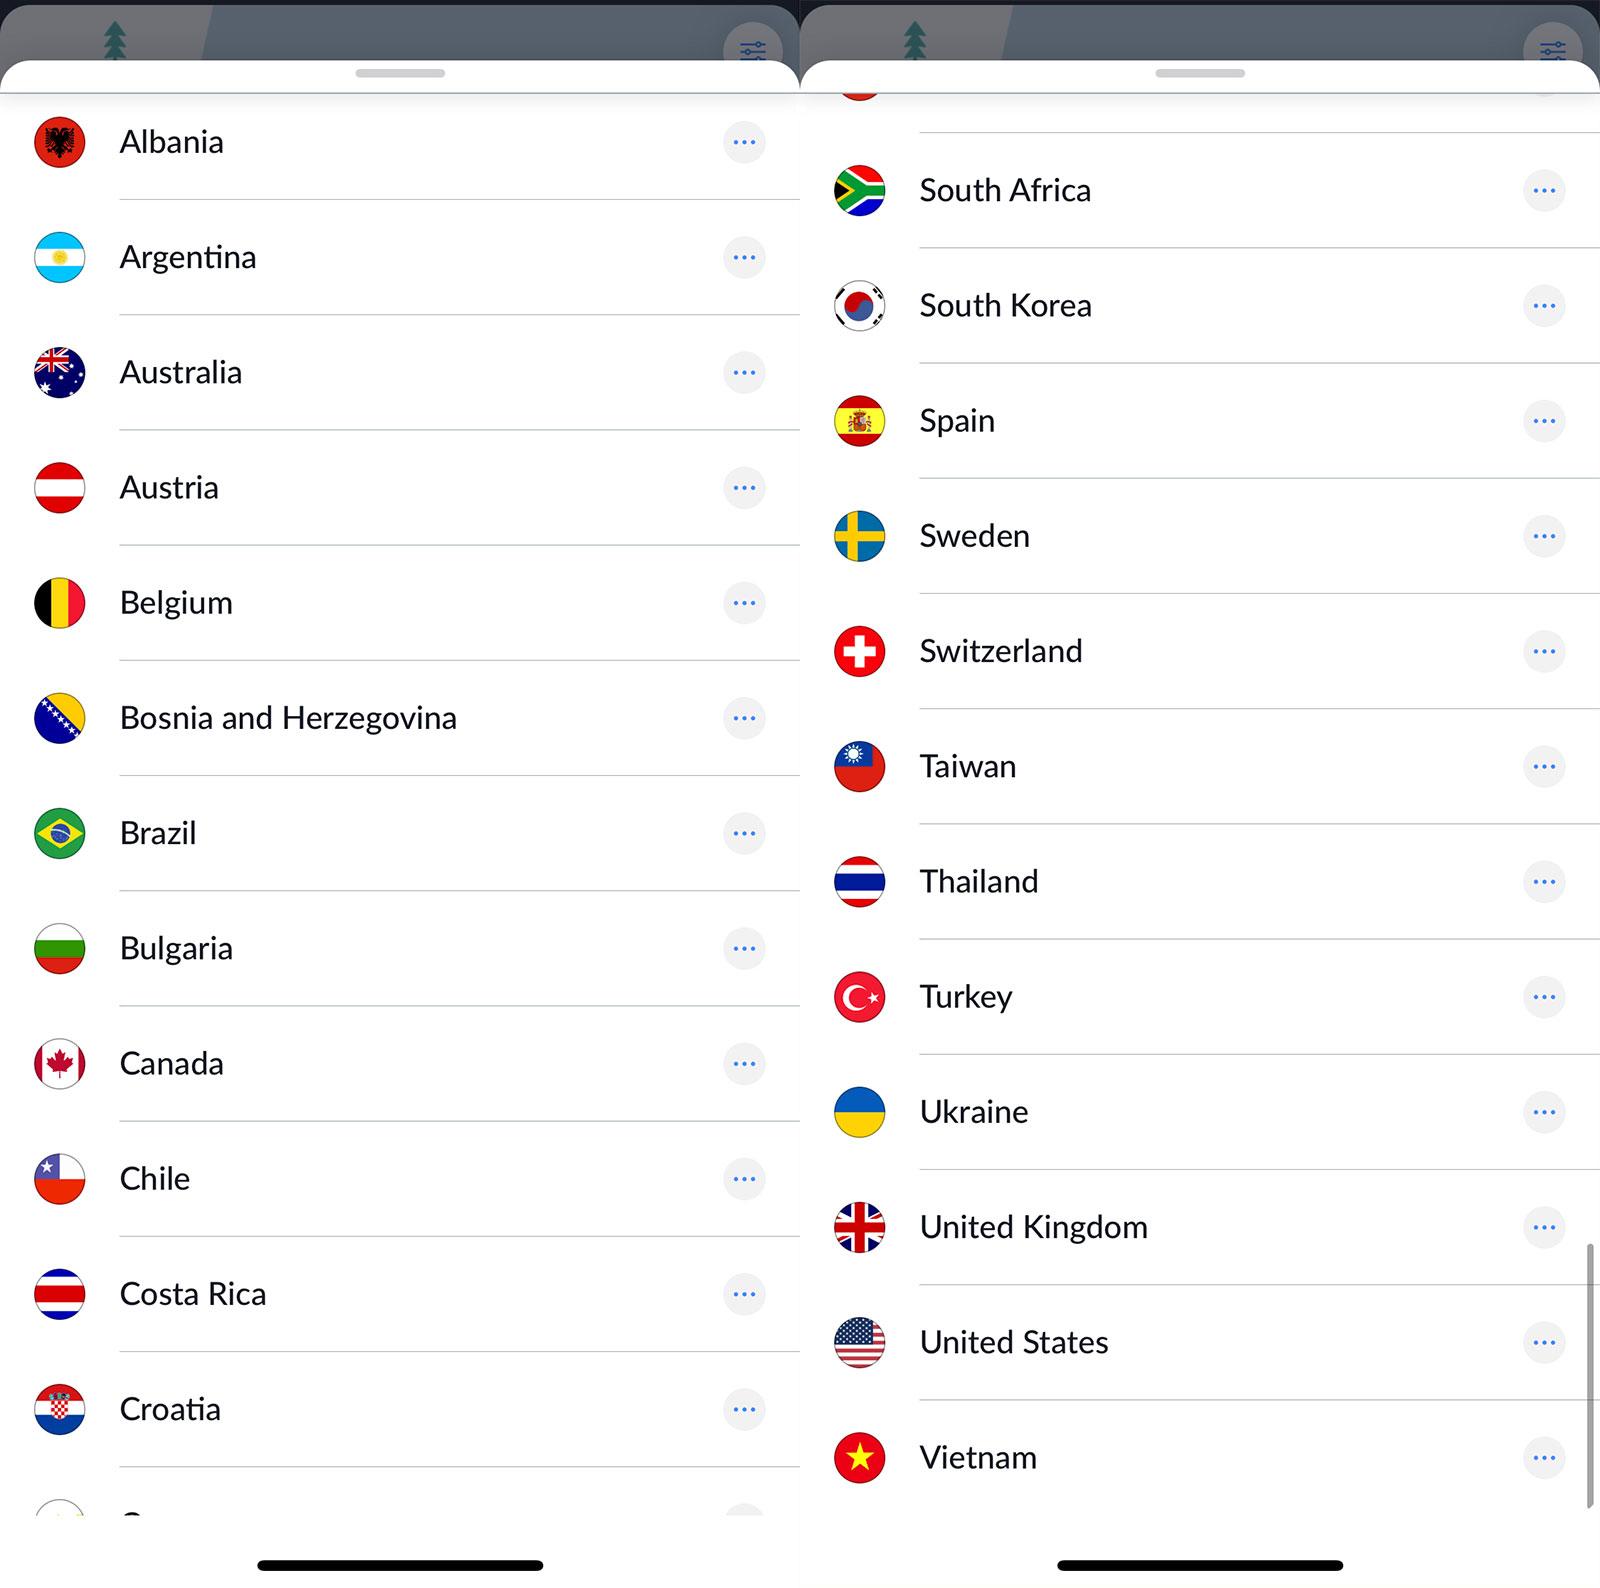 Incontable lista de países a los que puedes conectar